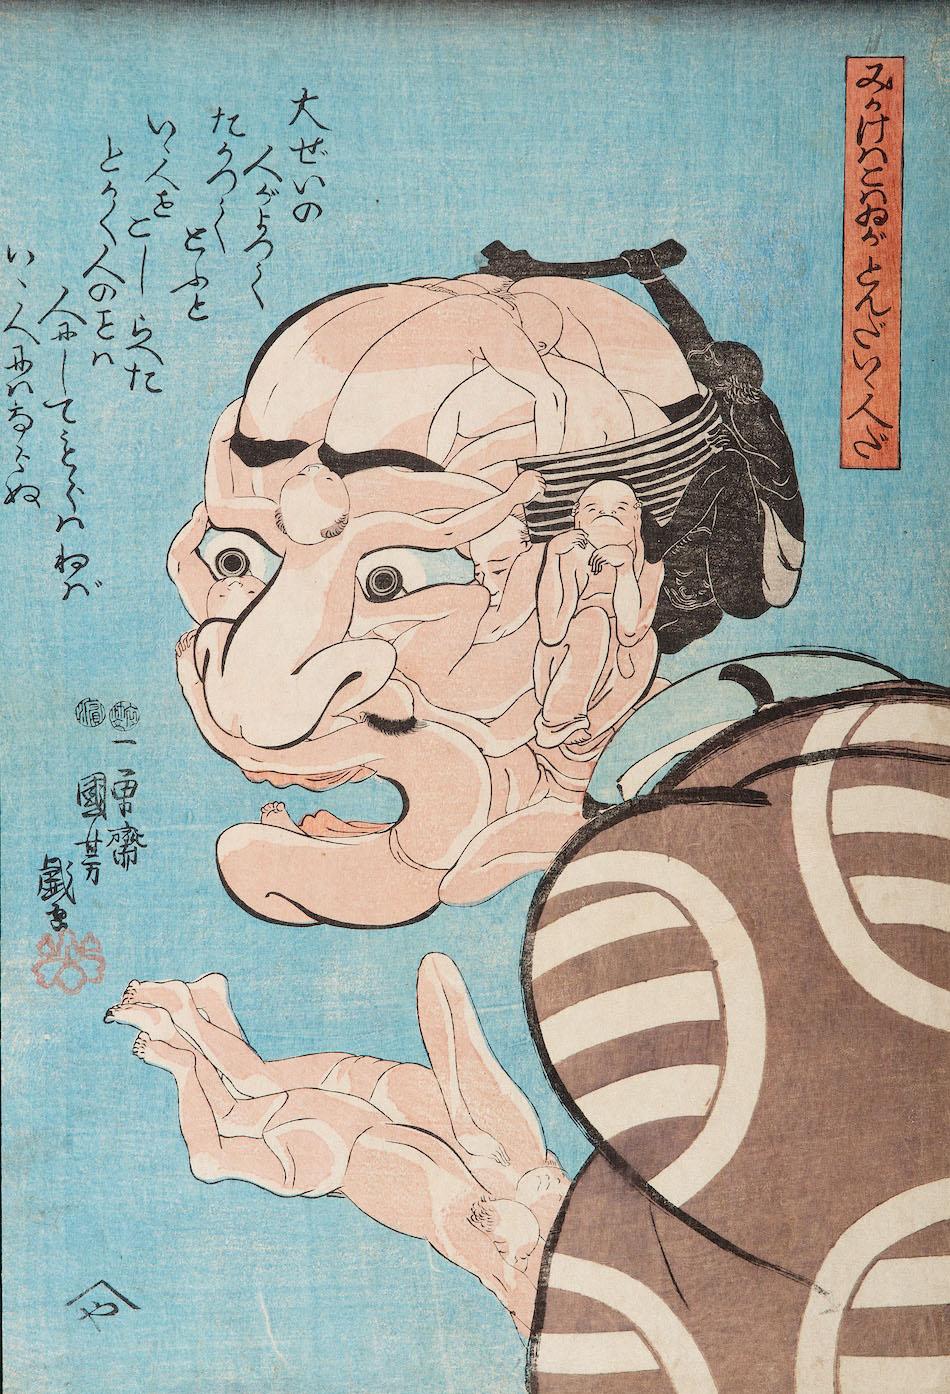 歌川国芳『みかけハこハゐがとんだいゝ人だ』